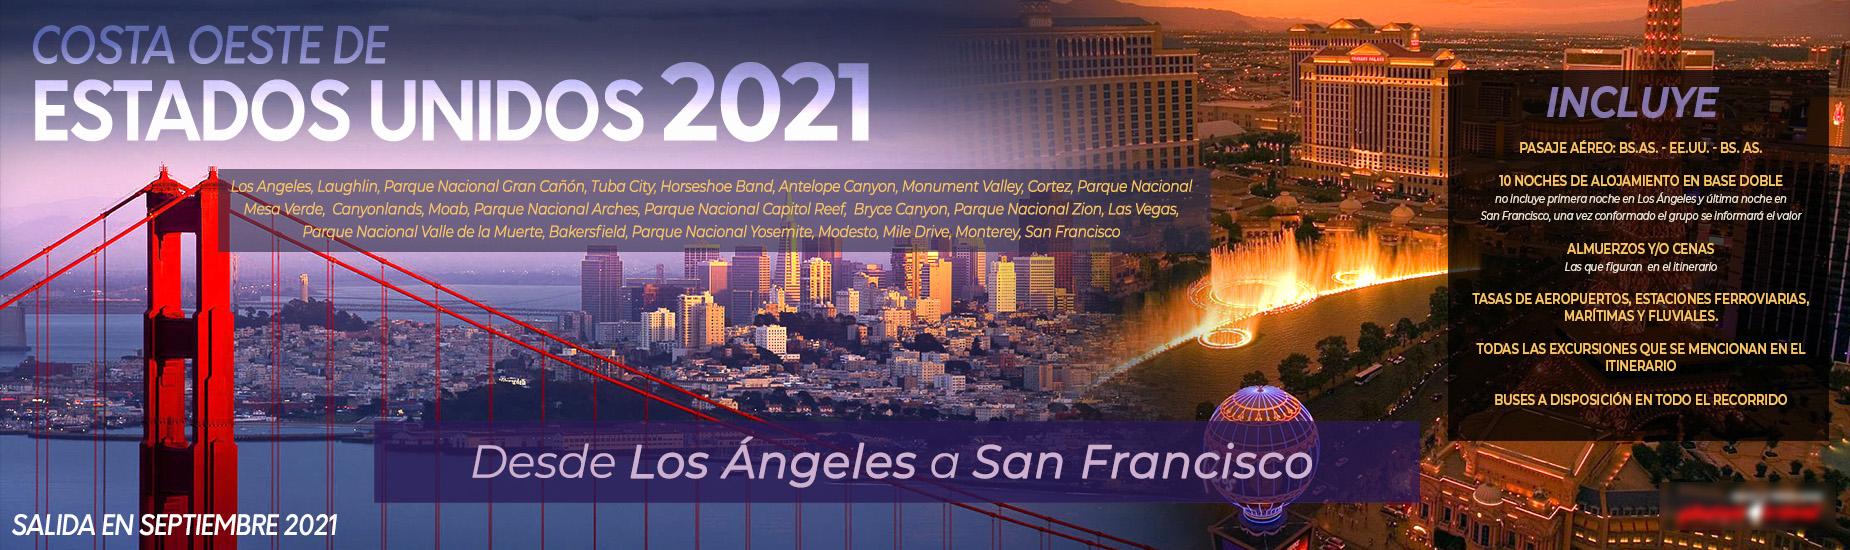 Costa Oeste de Estados Unidos 2021